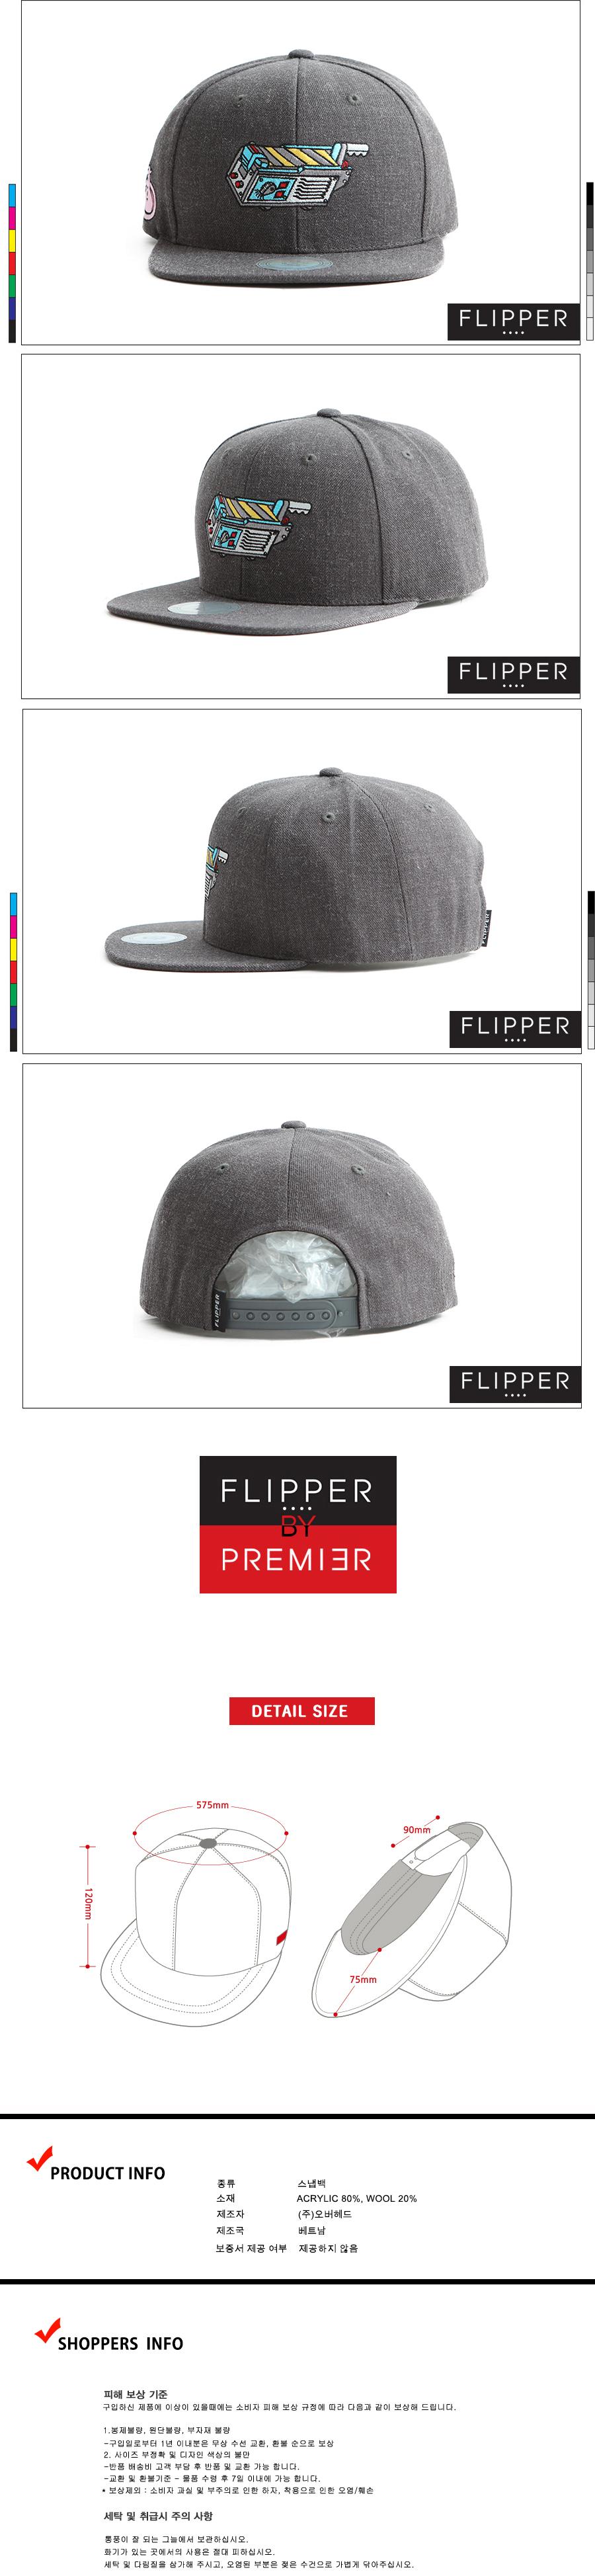 [ PREMIER ] [Premier] Flipper Snapback Ghost Trap Charcoal (FL136)